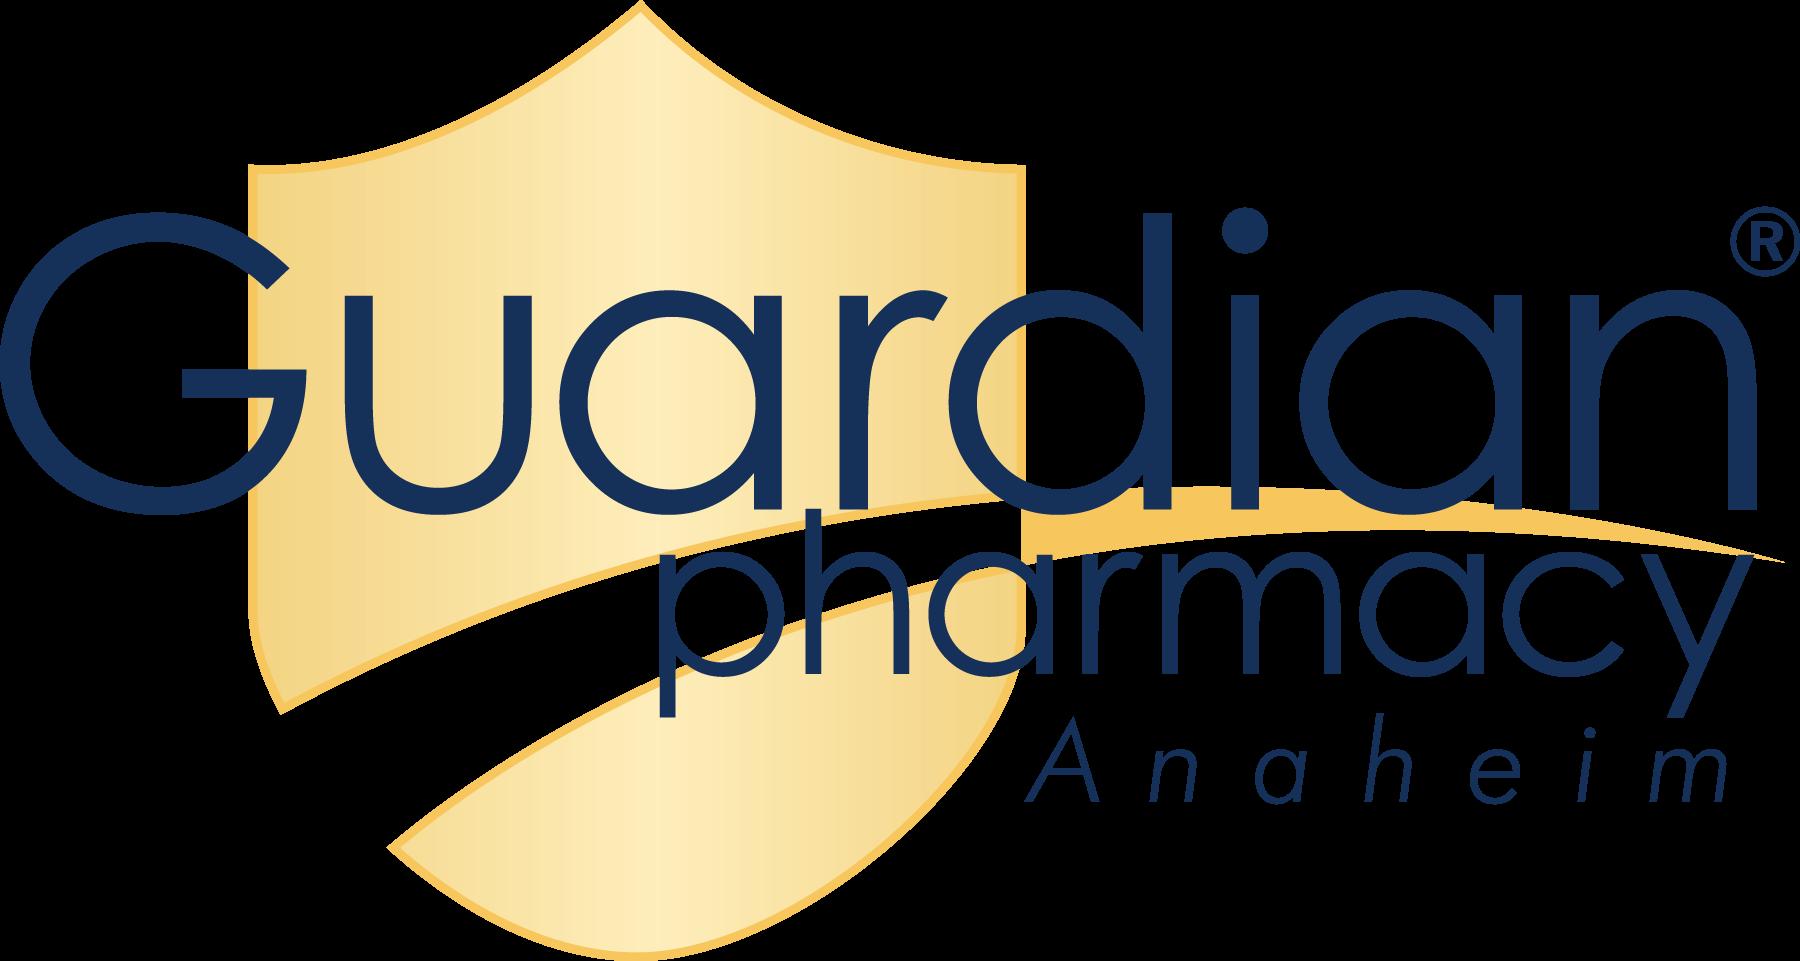 Guardian Pharmacy of Anaheim